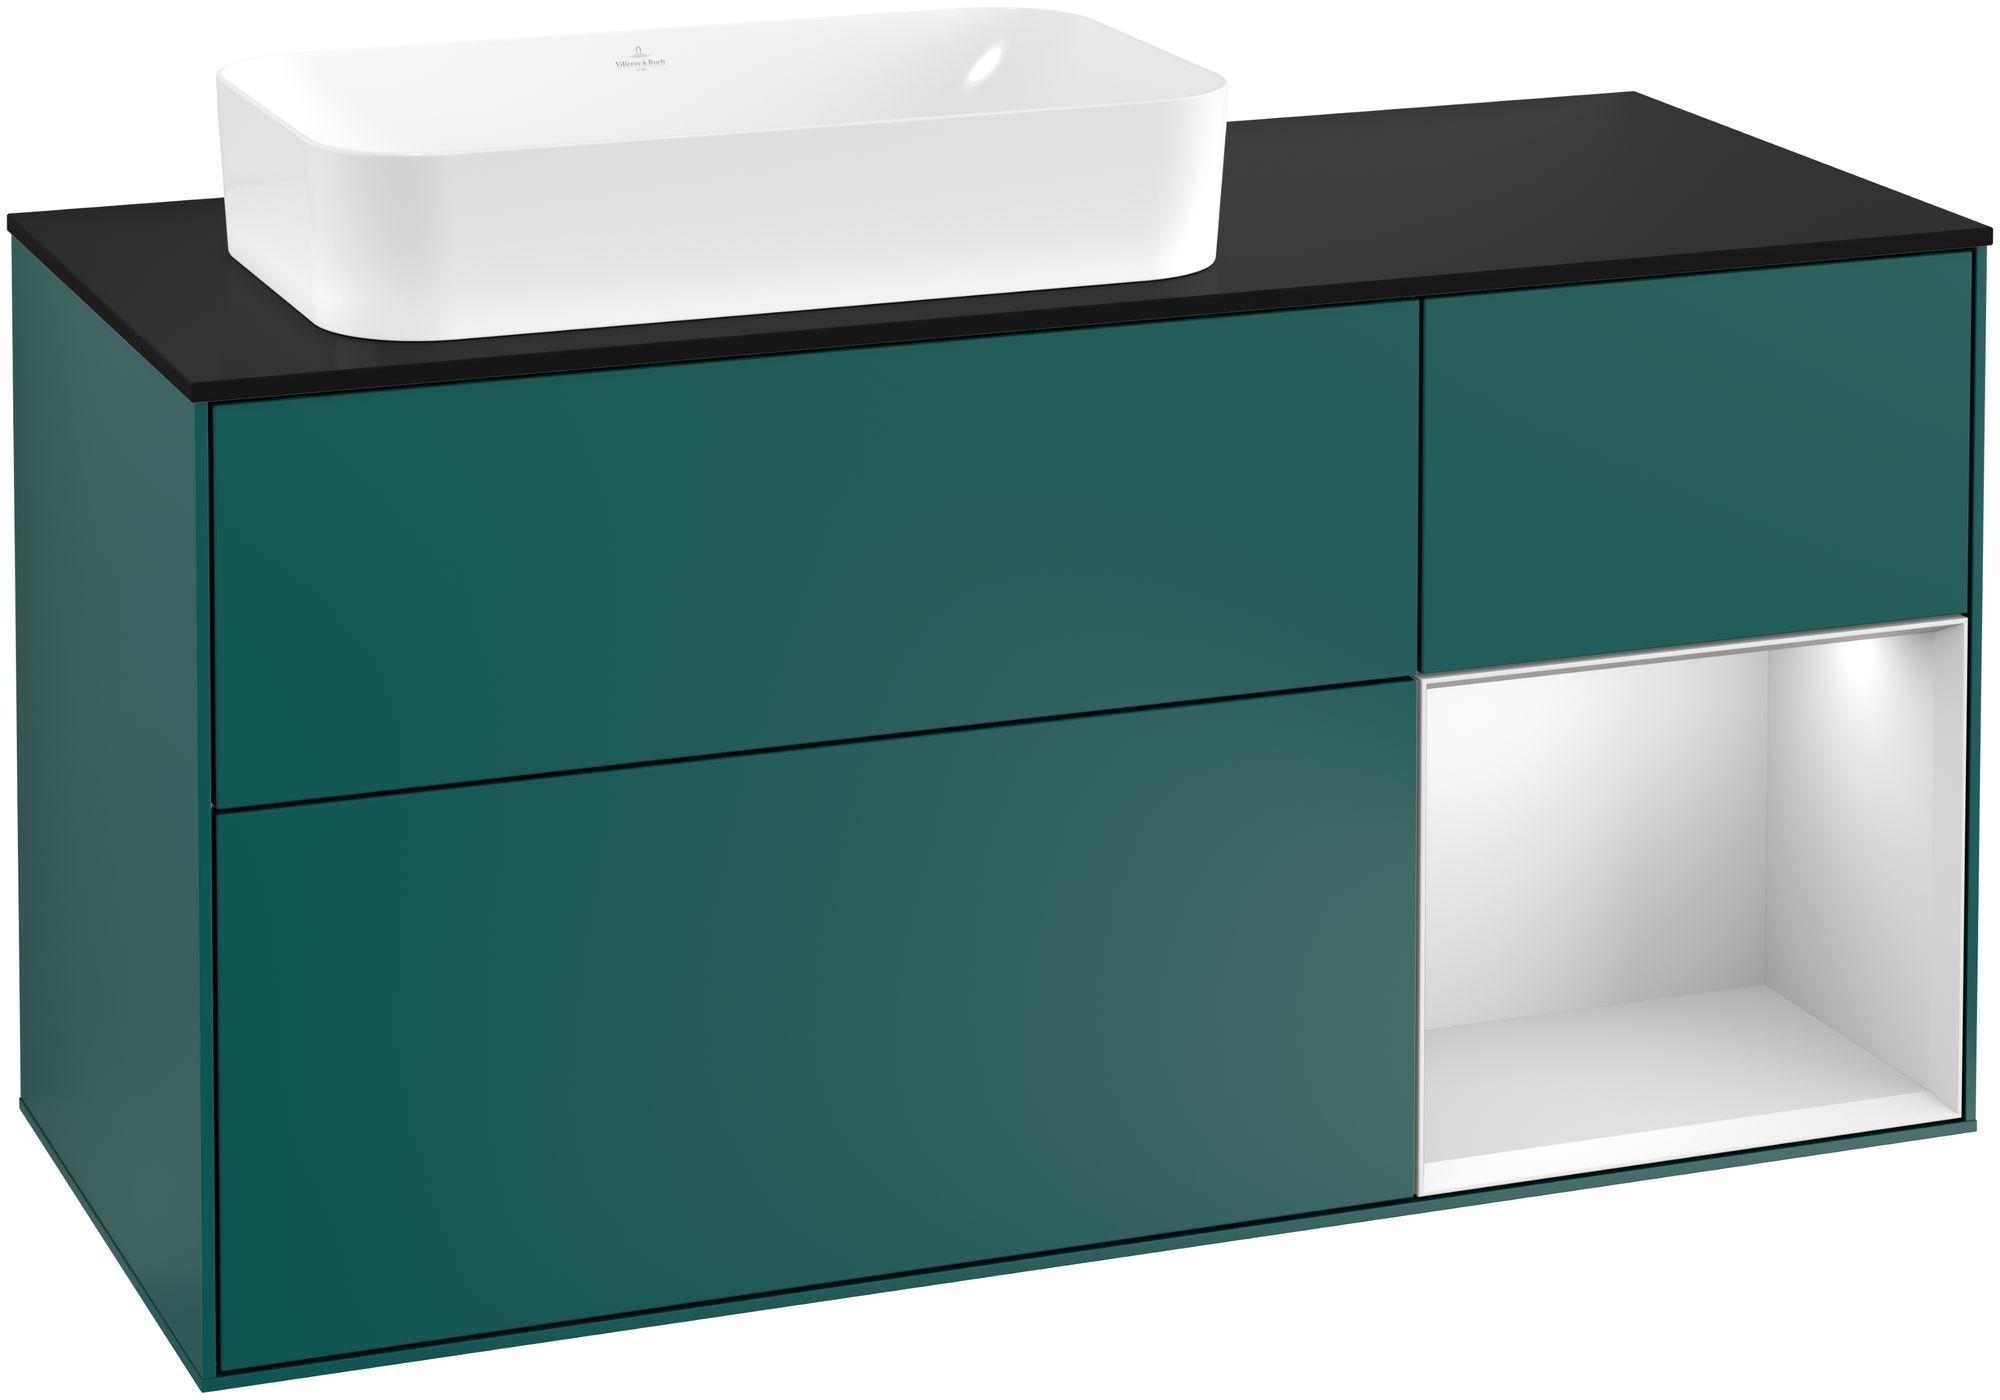 Villeroy & Boch Finion F28 Waschtischunterschrank mit Regalelement 3 Auszüge Waschtisch links LED-Beleuchtung B:120xH:60,3xT:50,1cm Front, Korpus: Cedar, Regal: Weiß Matt Soft Grey, Glasplatte: Black Matt F282MTGS